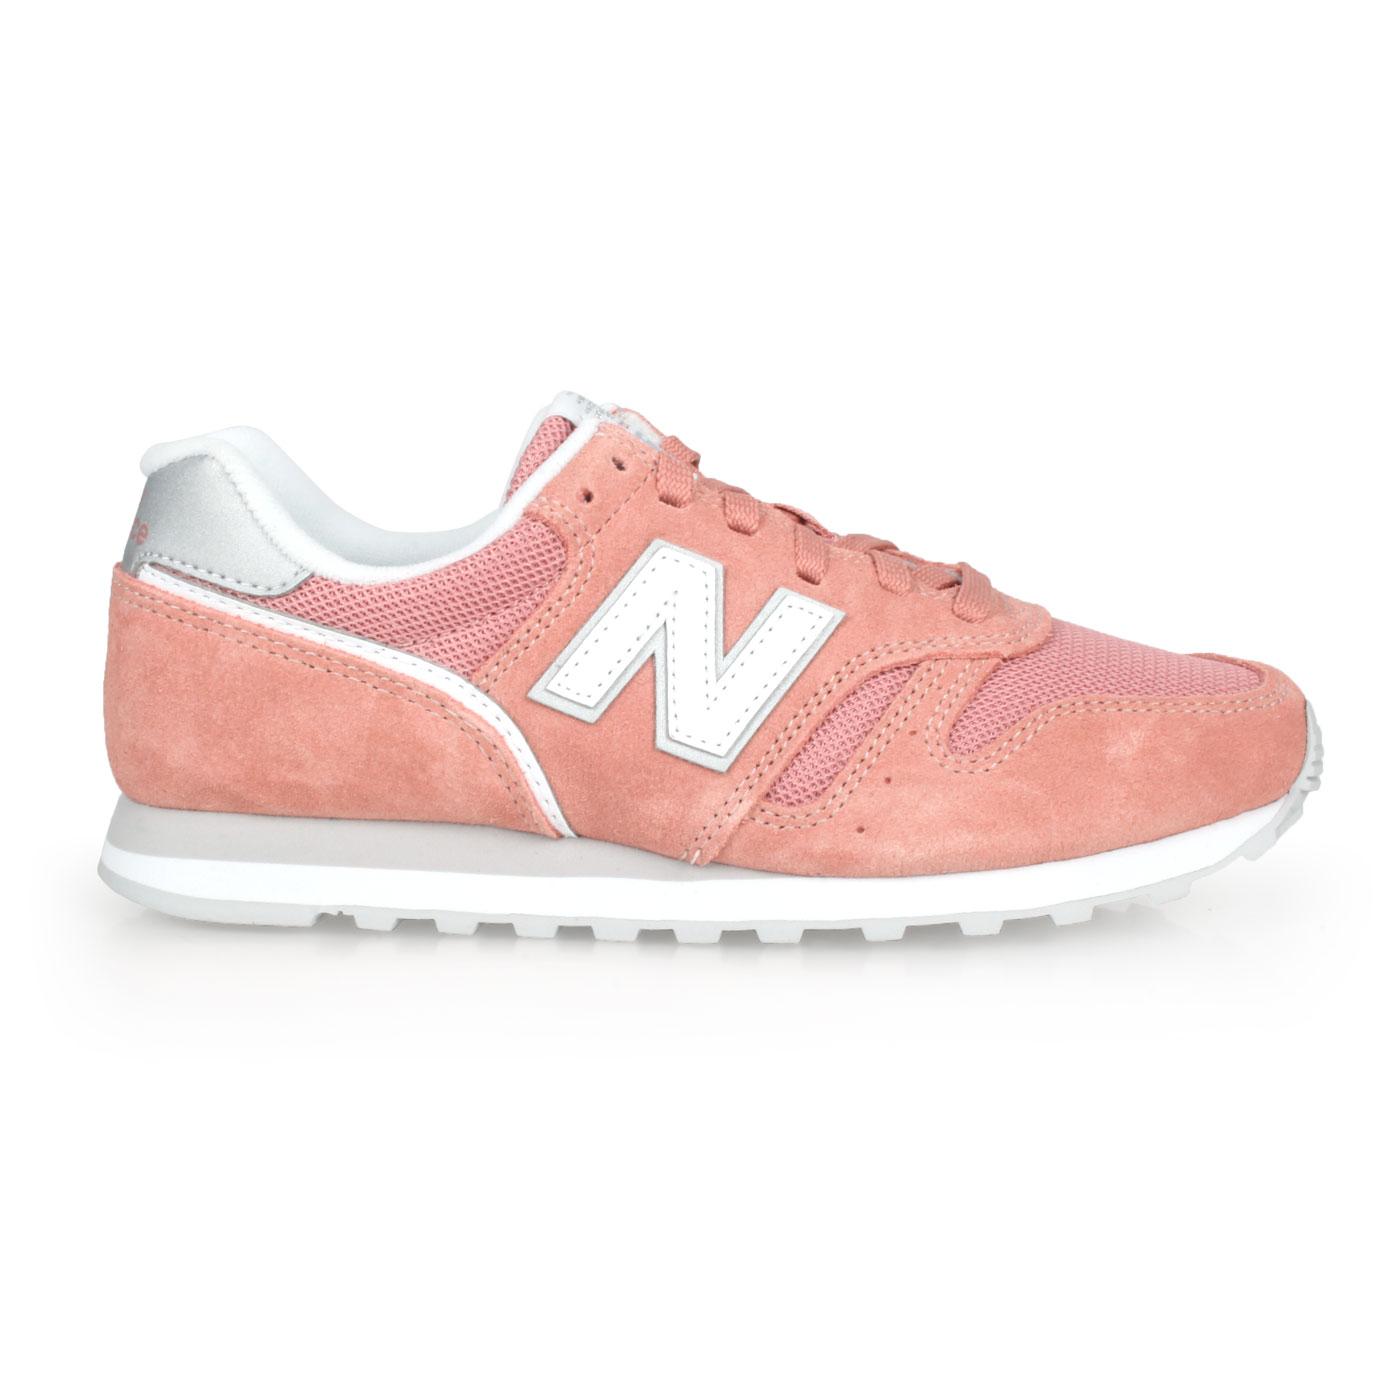 NEW BALANCE 女款復古慢跑鞋 WL373AB2 - 珊瑚紅白銀